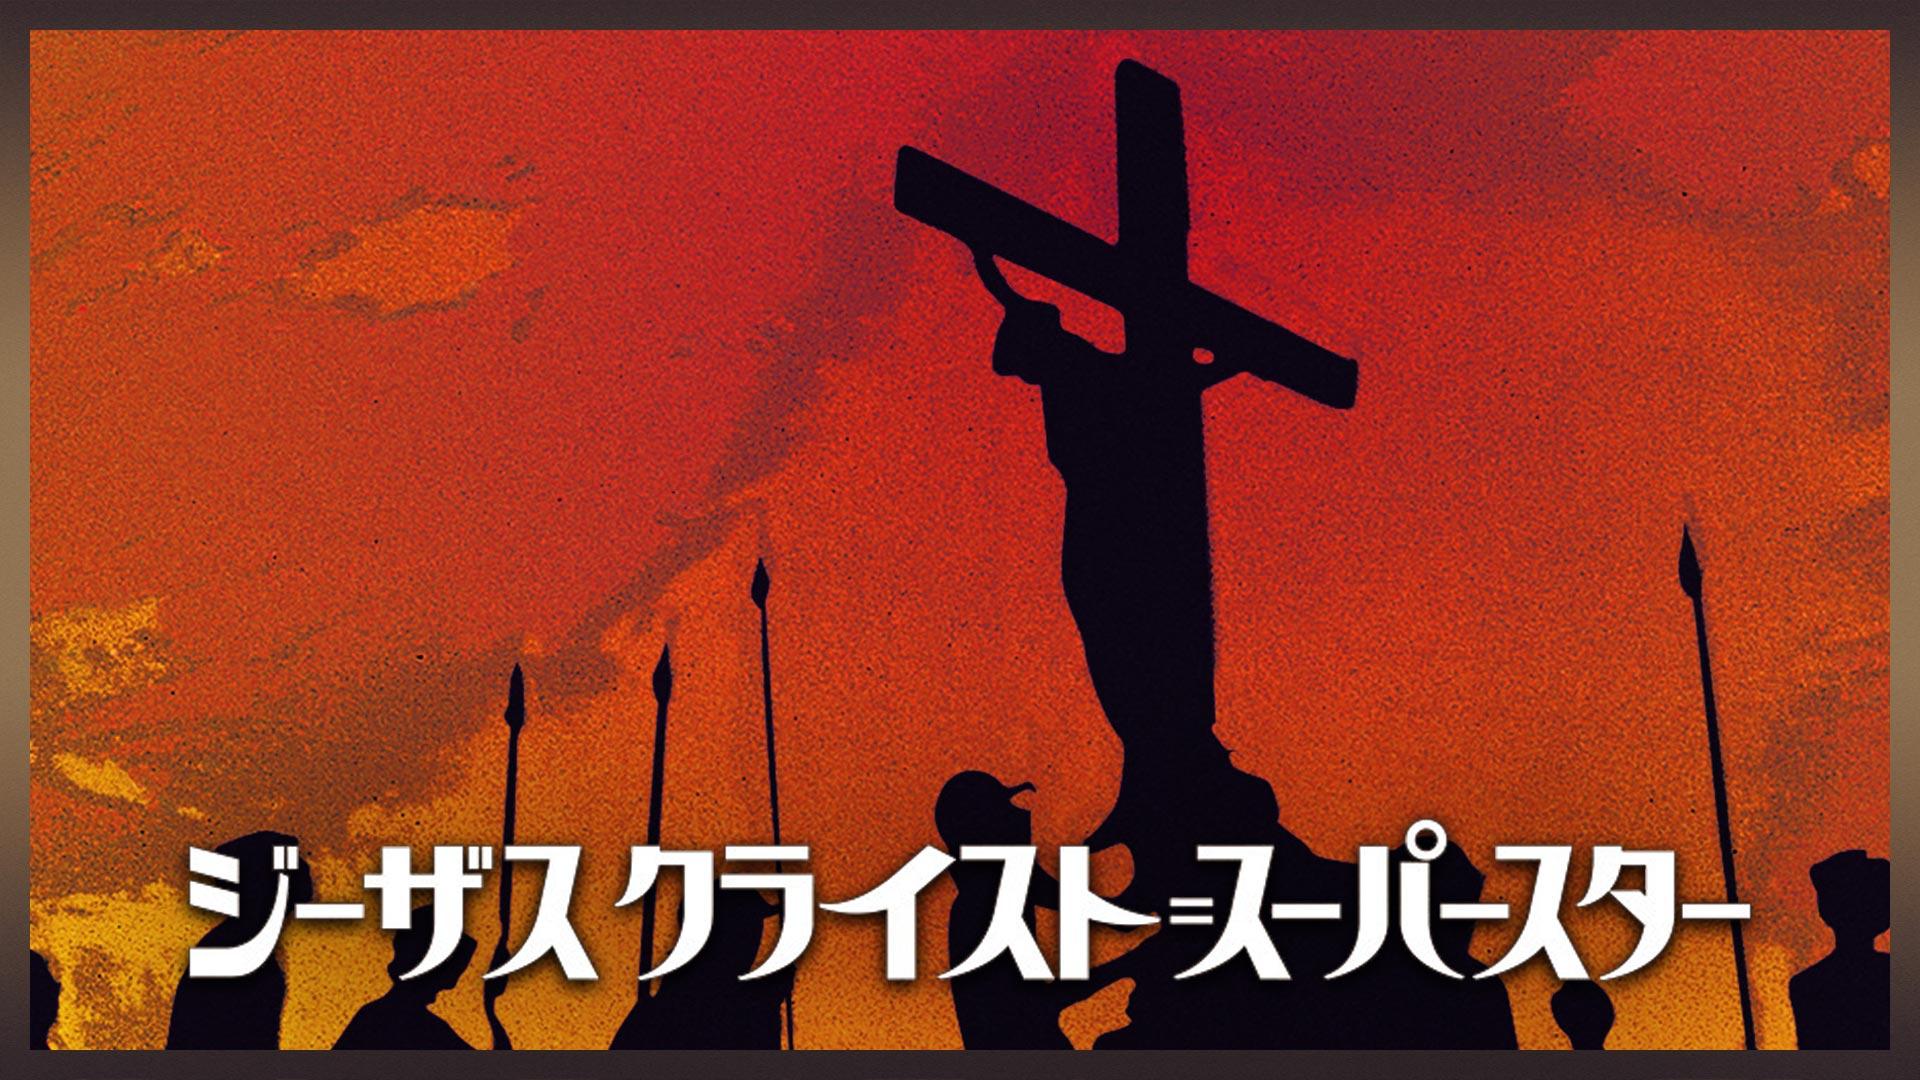 ジーザス・クライスト・スーパースター (字幕版)